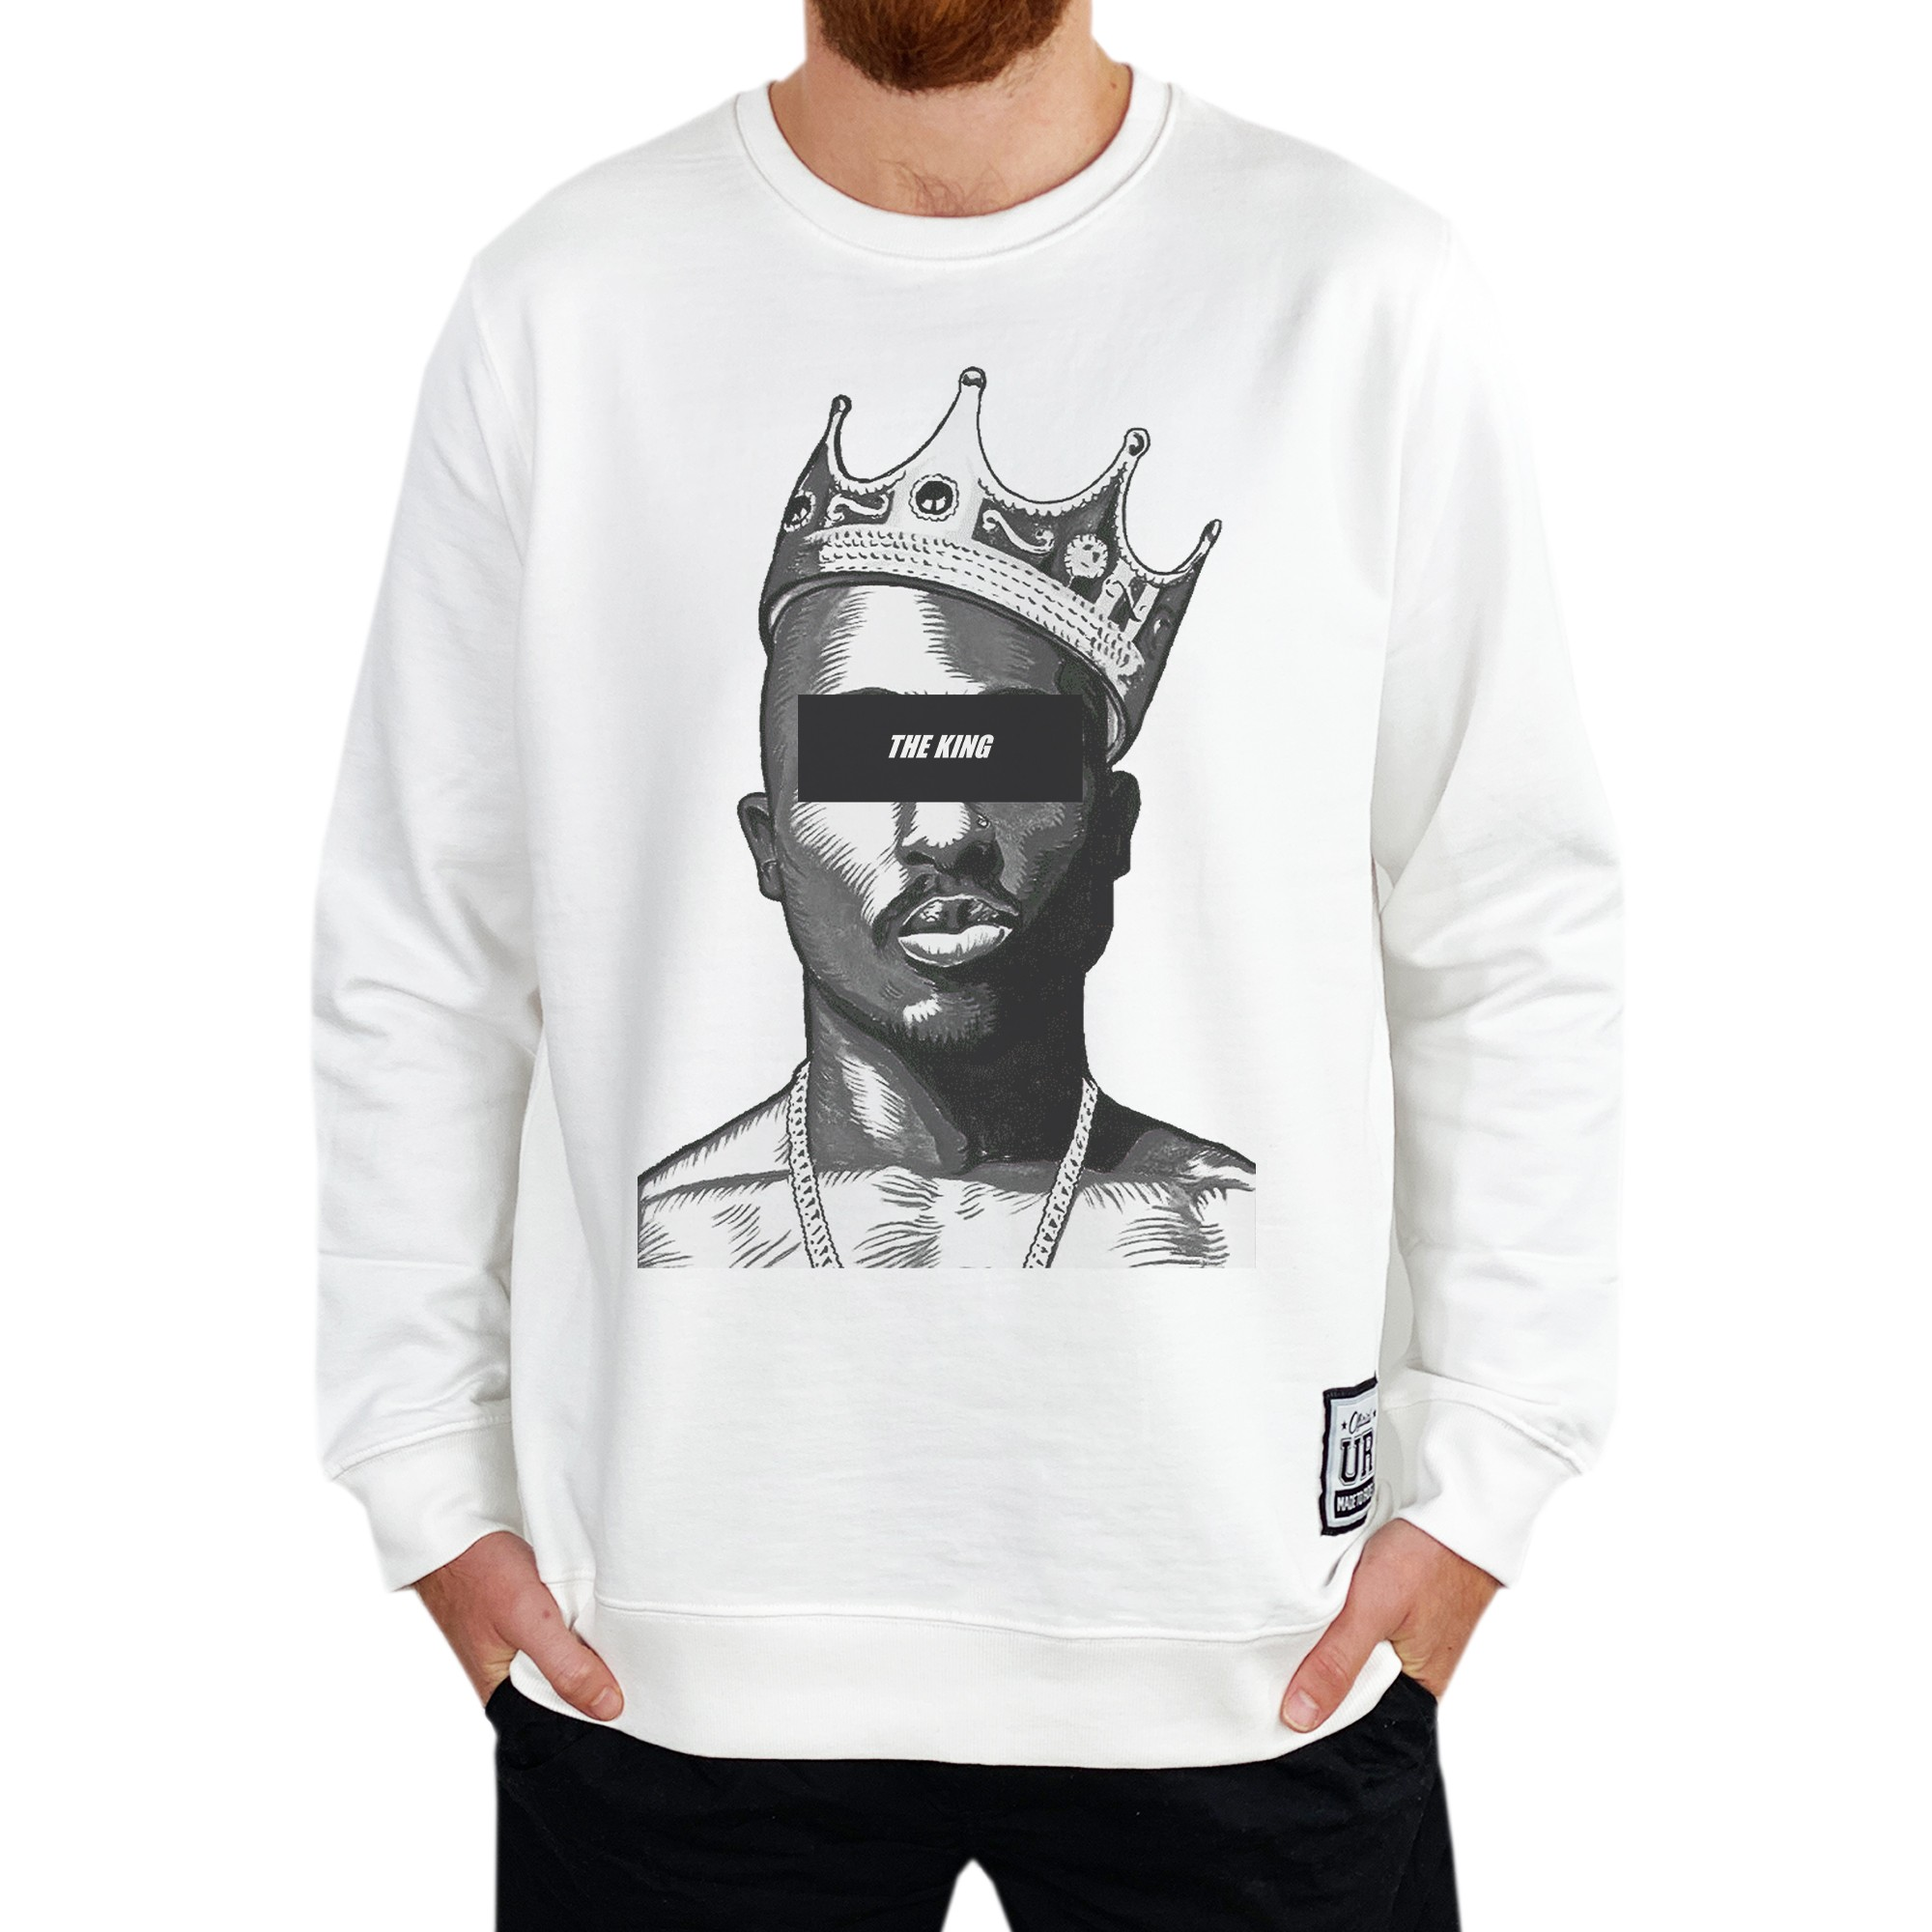 THE KING WHITE CREW